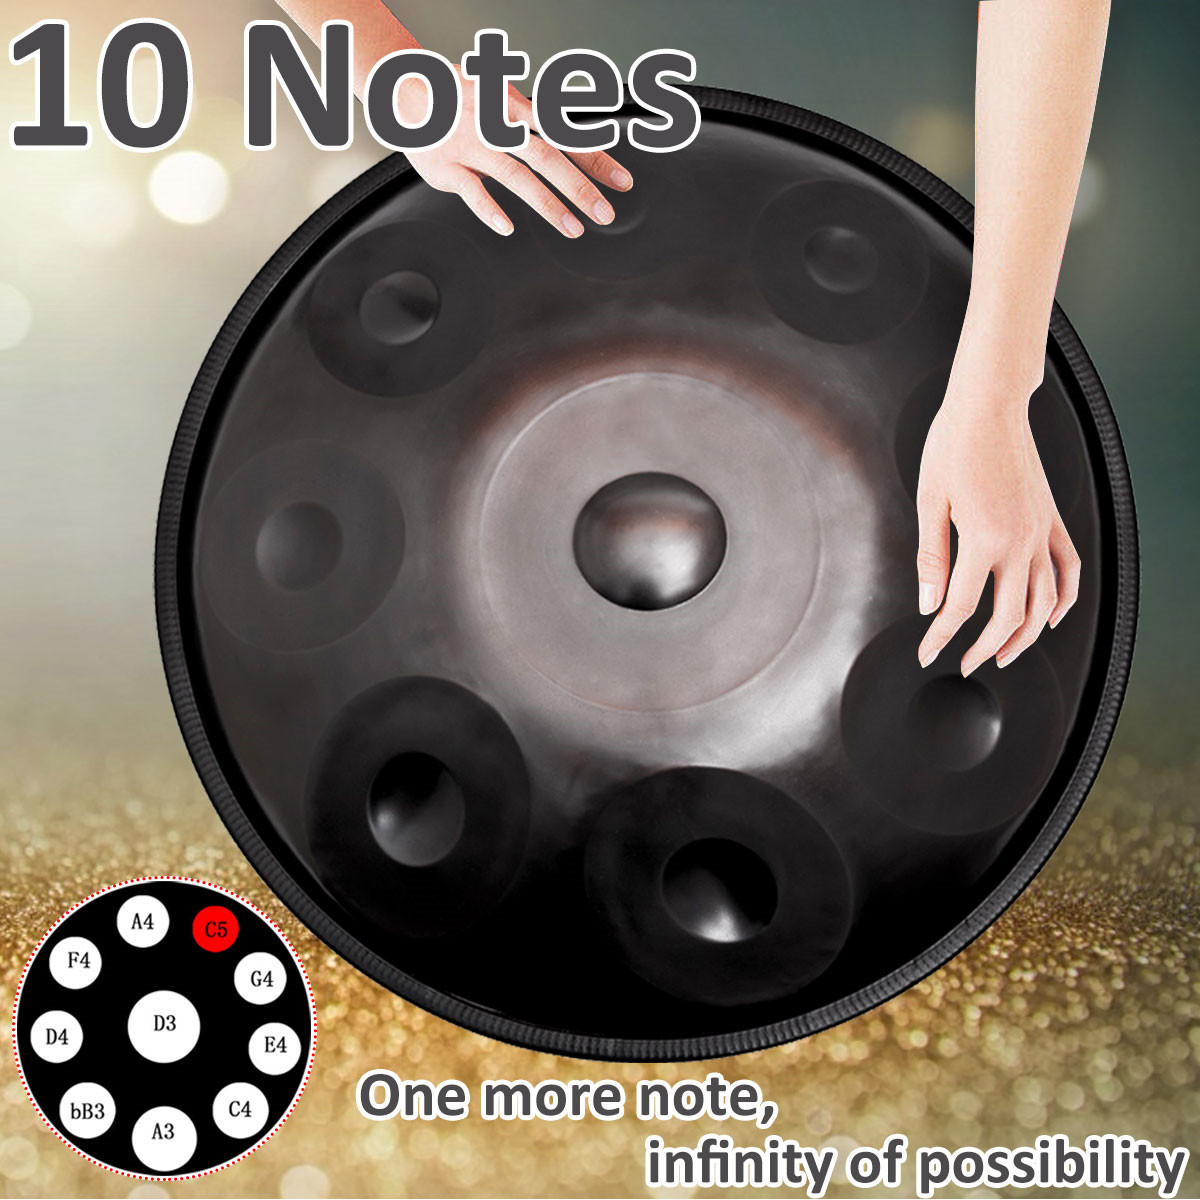 Mis à niveau 10 Notes à la main Handpan tambours Antique F majeur D mineur main tambour musique main pan tambours percussions Instruments de musique